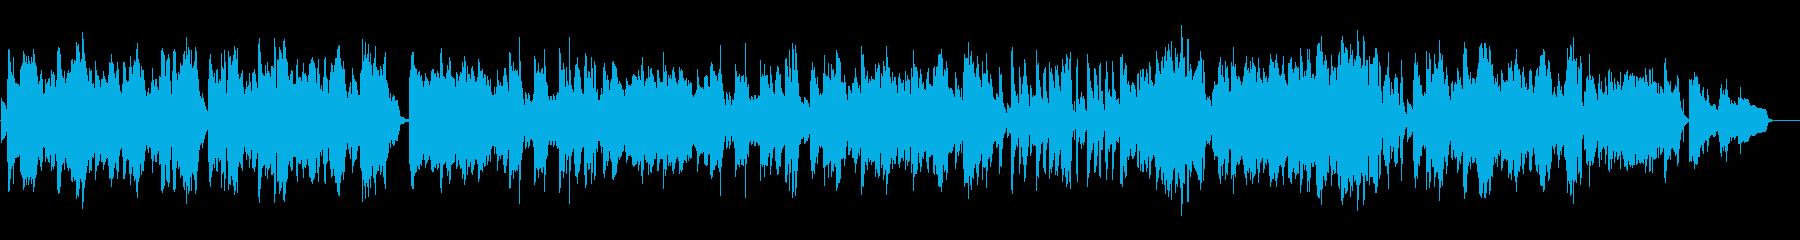 夜の大人の憂いをビブラフォンのポップスでの再生済みの波形